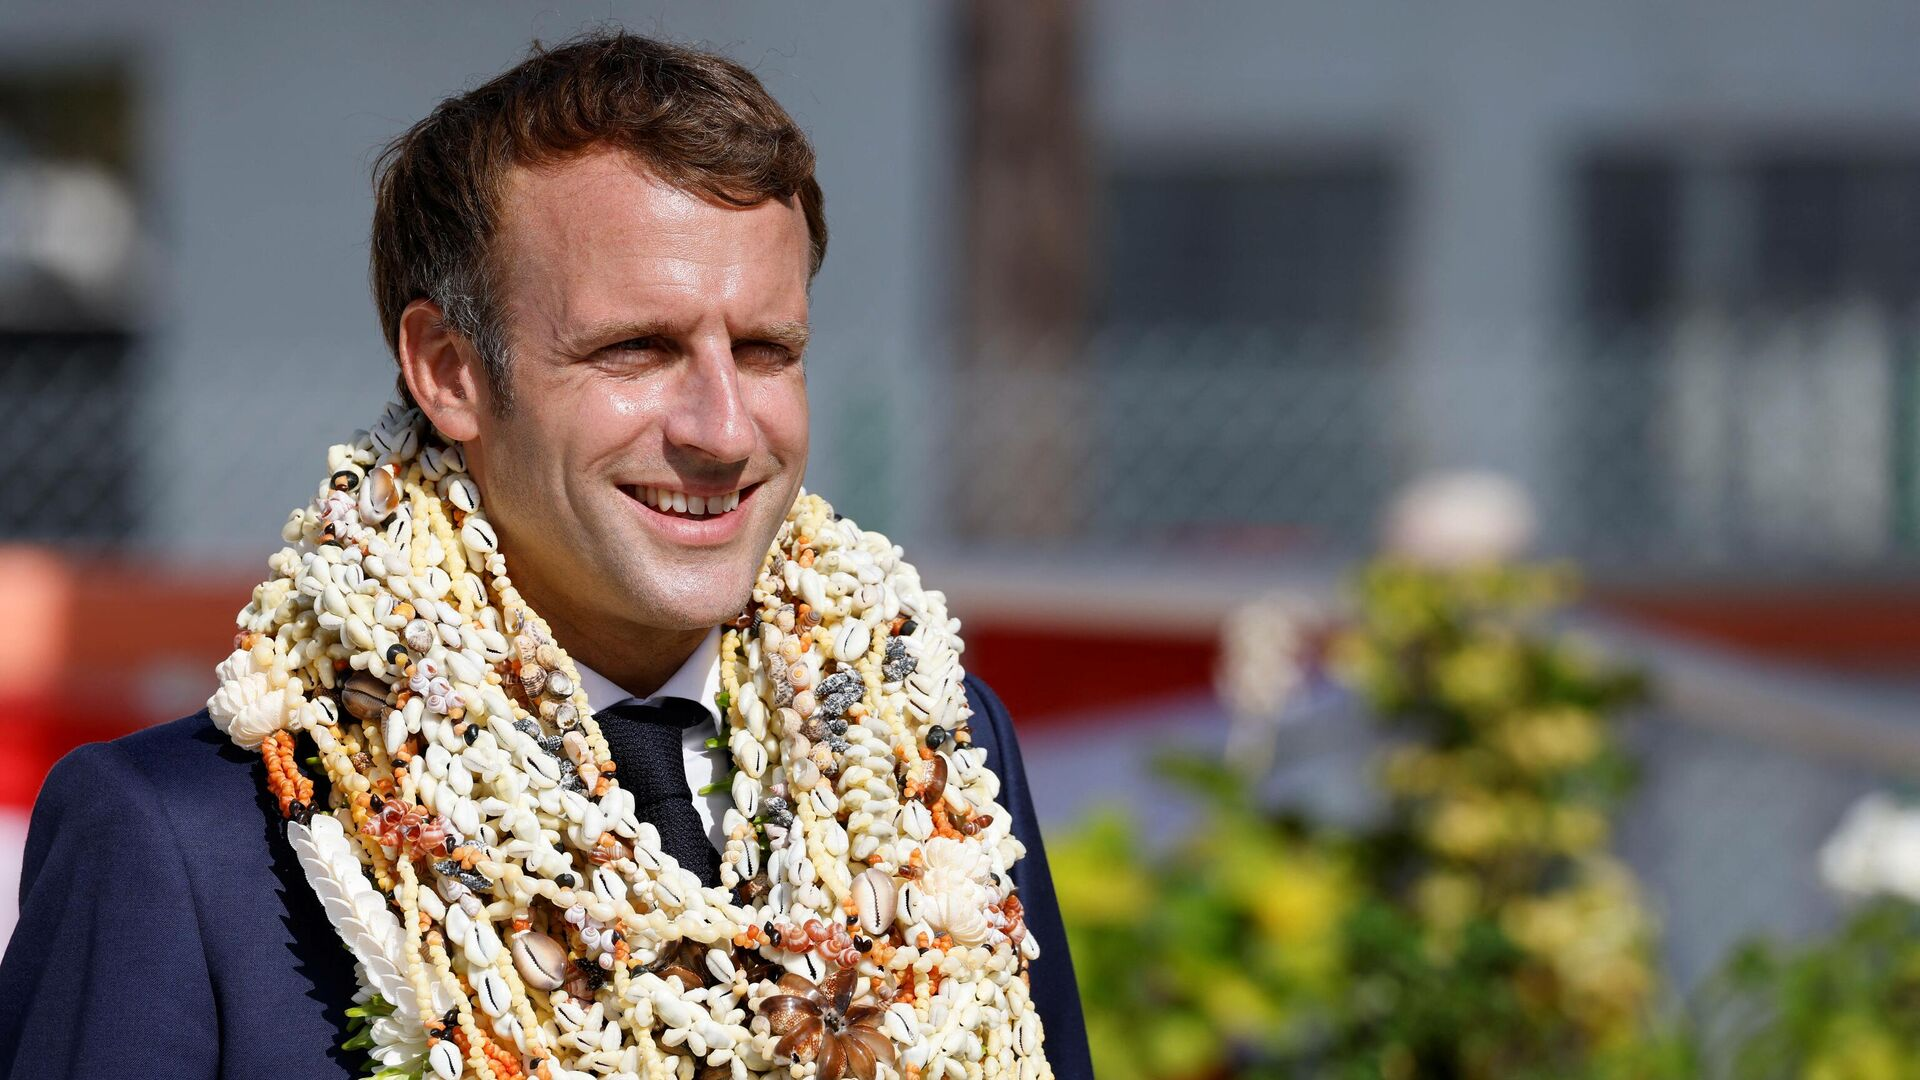 Президент Франции Эммануэль Макрон во время поездки во Французскую Полинезию - РИА Новости, 1920, 28.07.2021